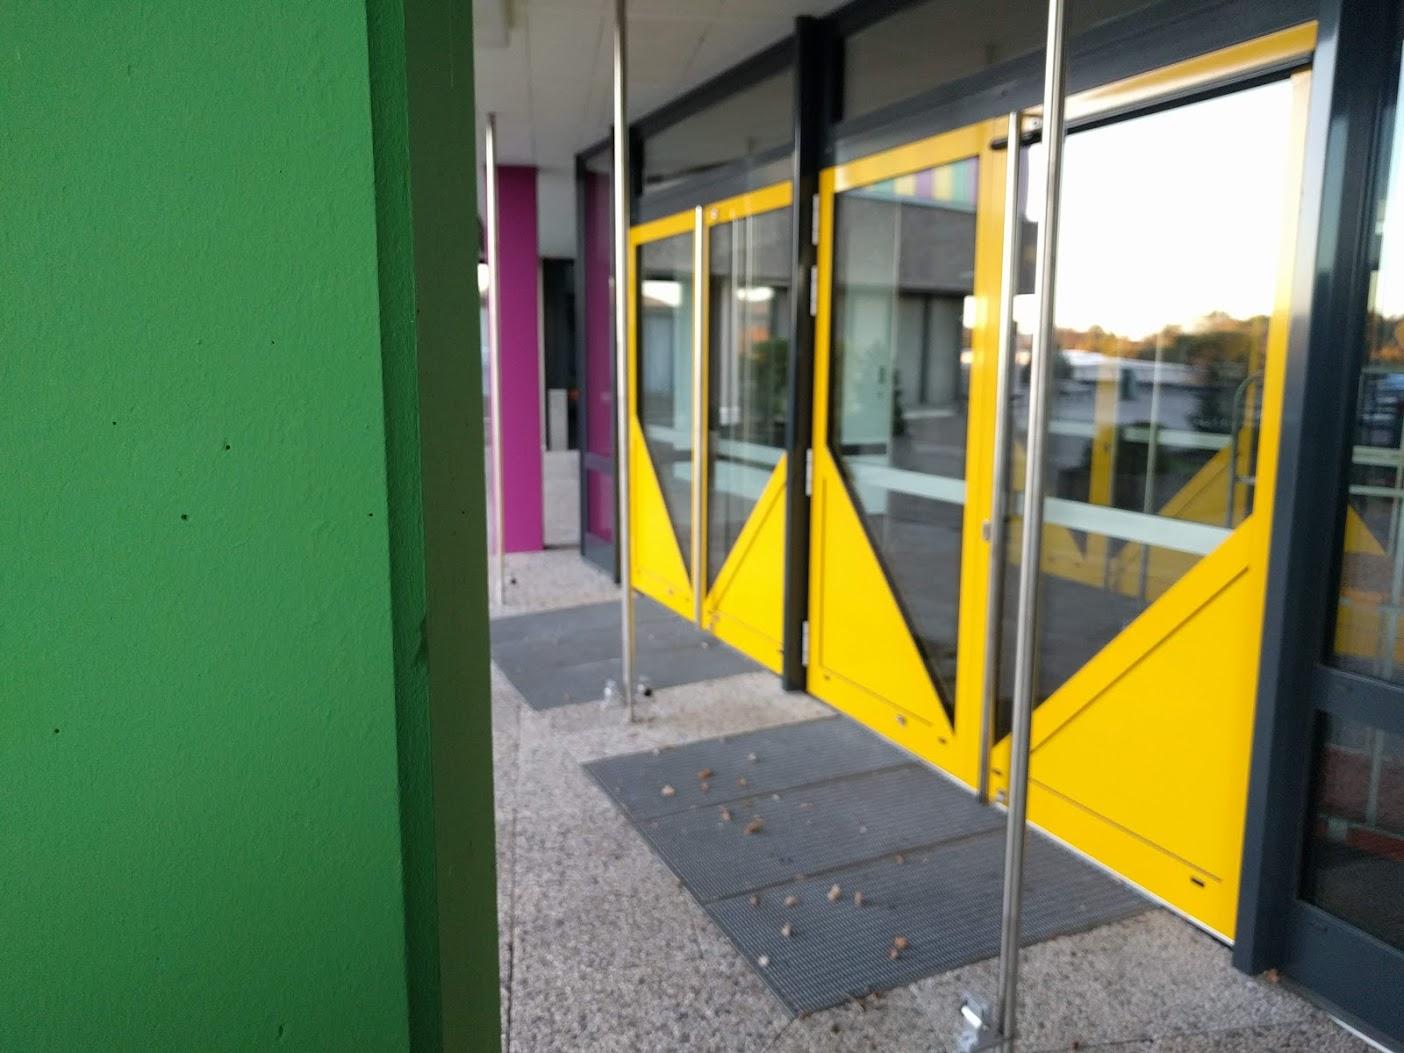 neuer Eingang 2018 von rechts, grüne Säule